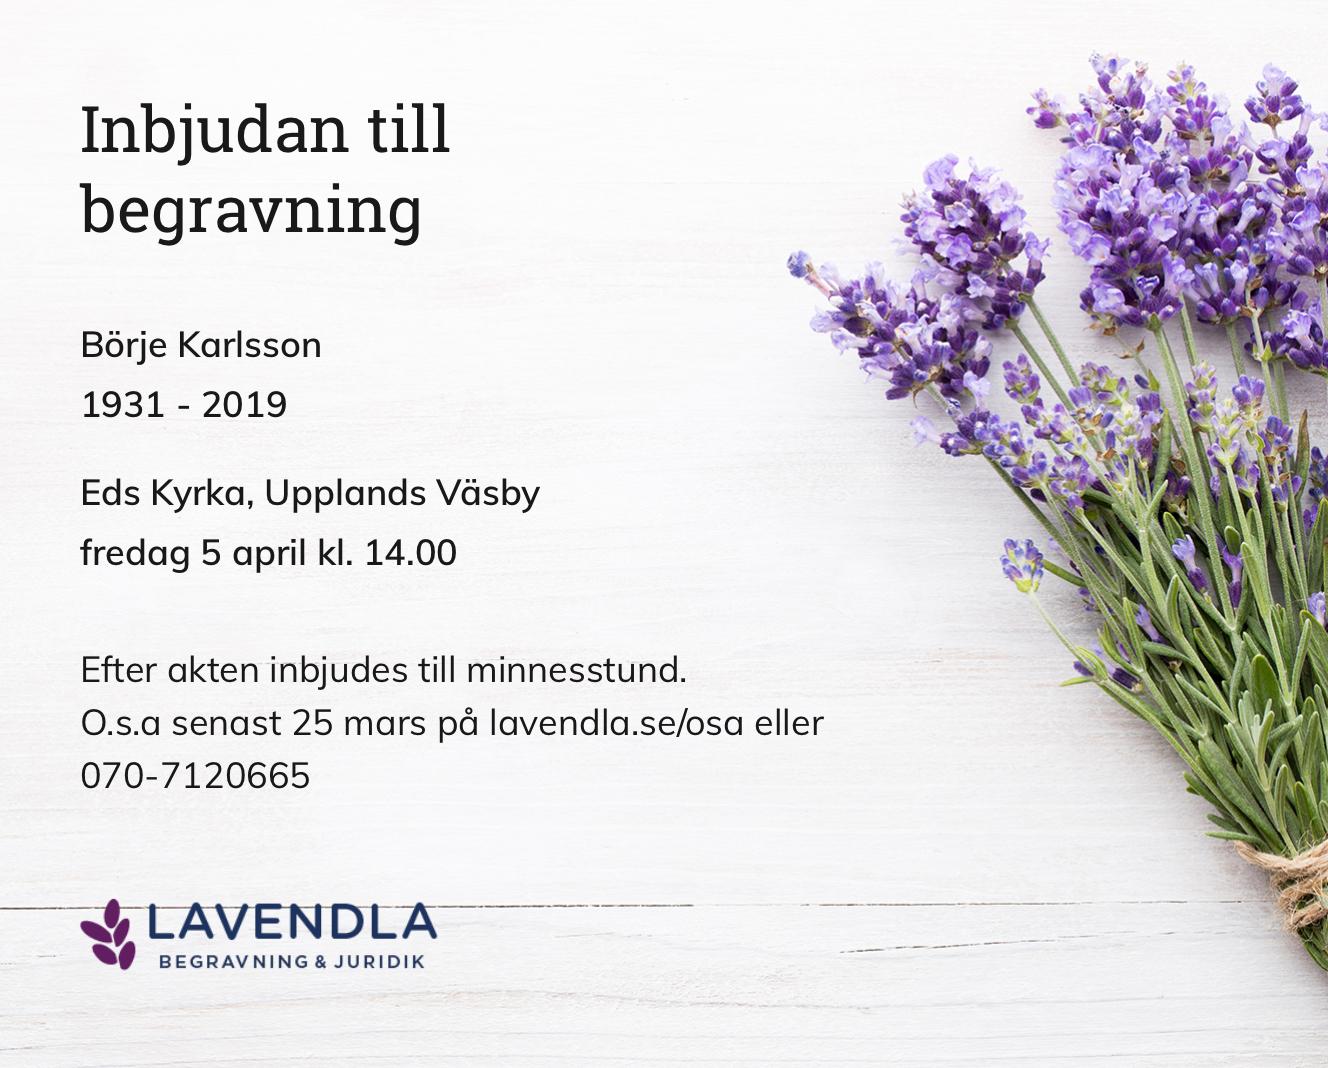 Inbjudningskort till ceremonin för Börje Karlsson